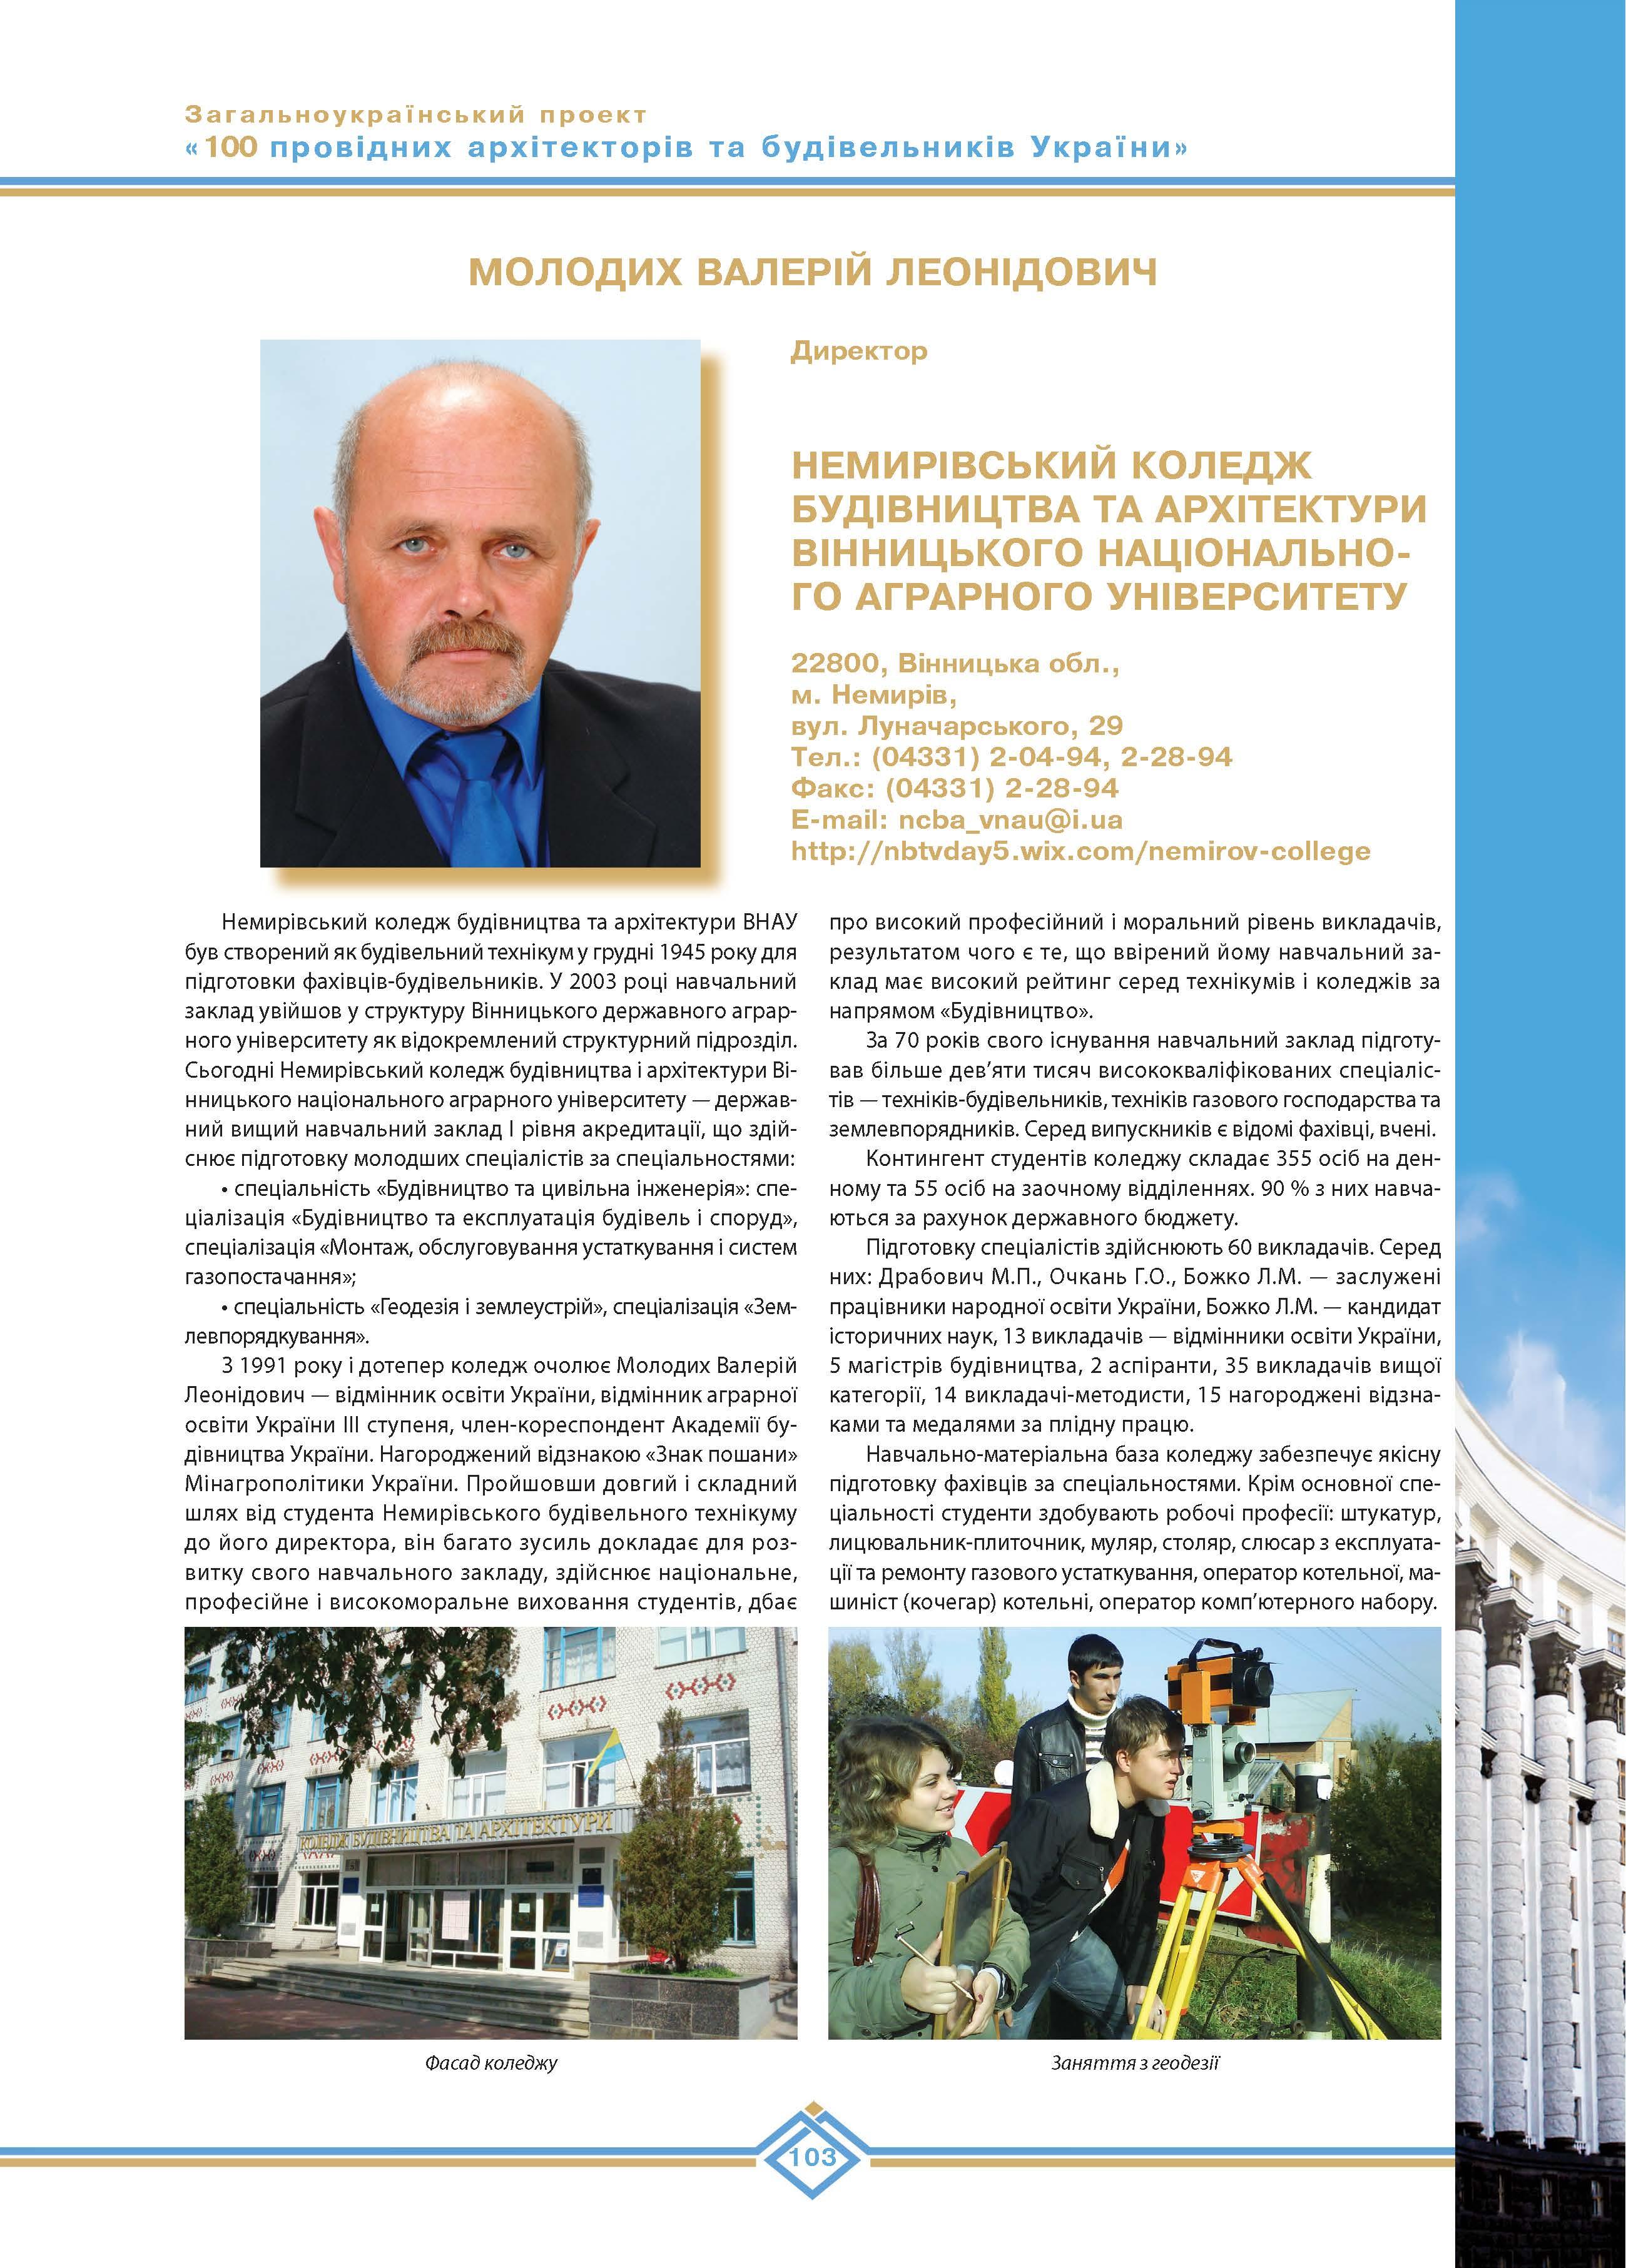 Молодих Валерій Леонідович